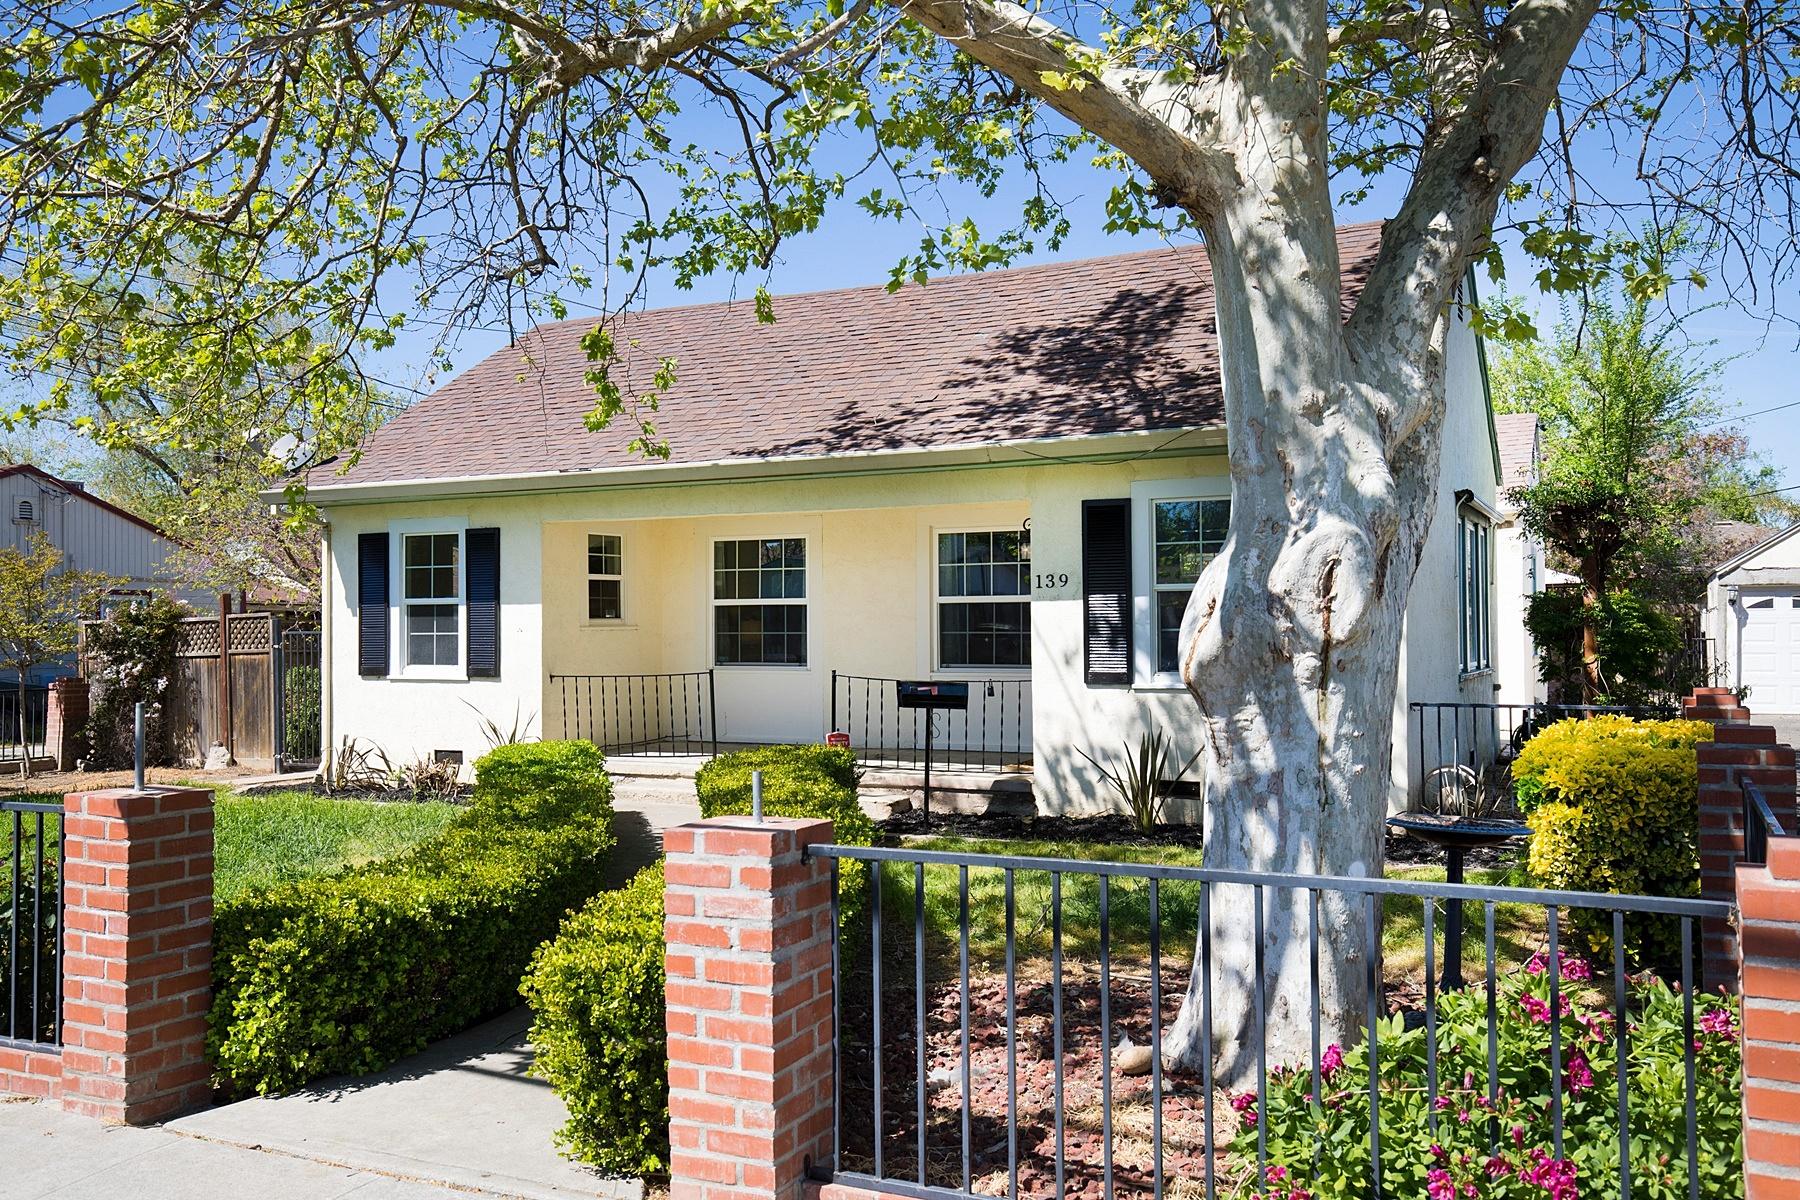 Частный односемейный дом для того Продажа на Single Family Home In Parker Villas 139 Carlton way Tracy, Калифорния 95376 Соединенные Штаты